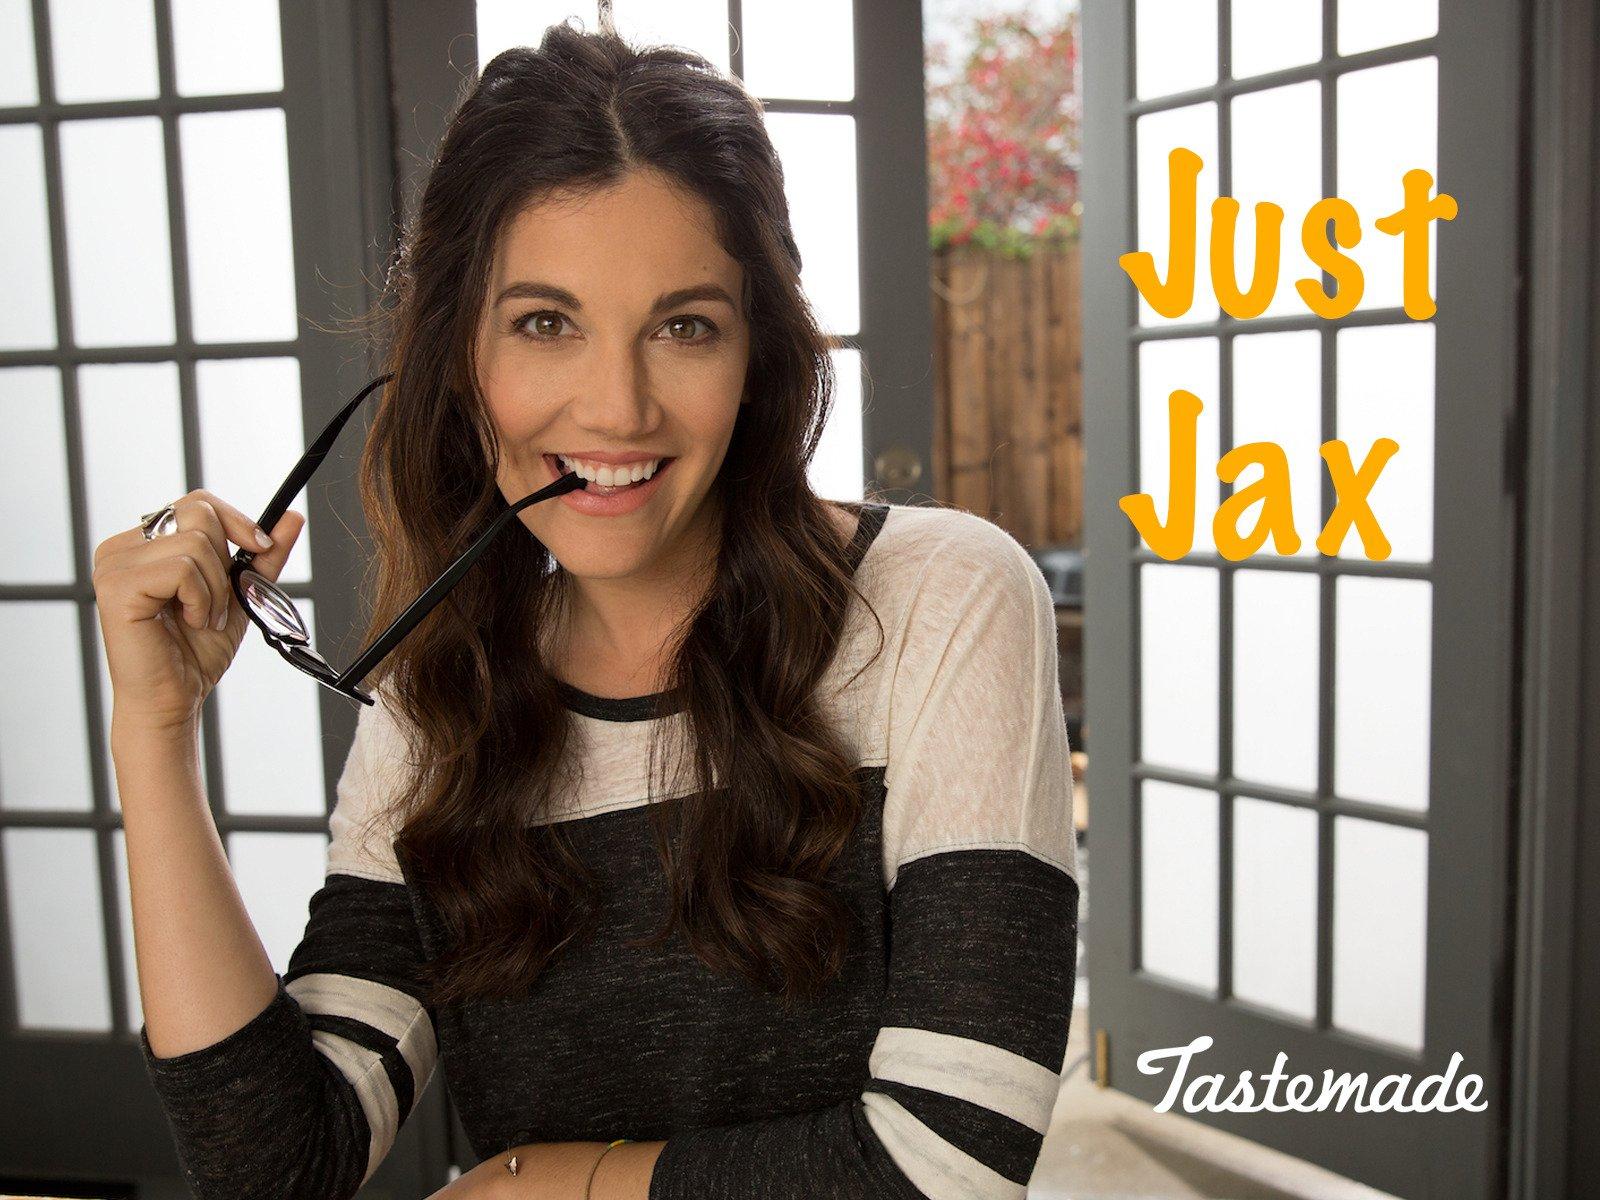 Just Jax